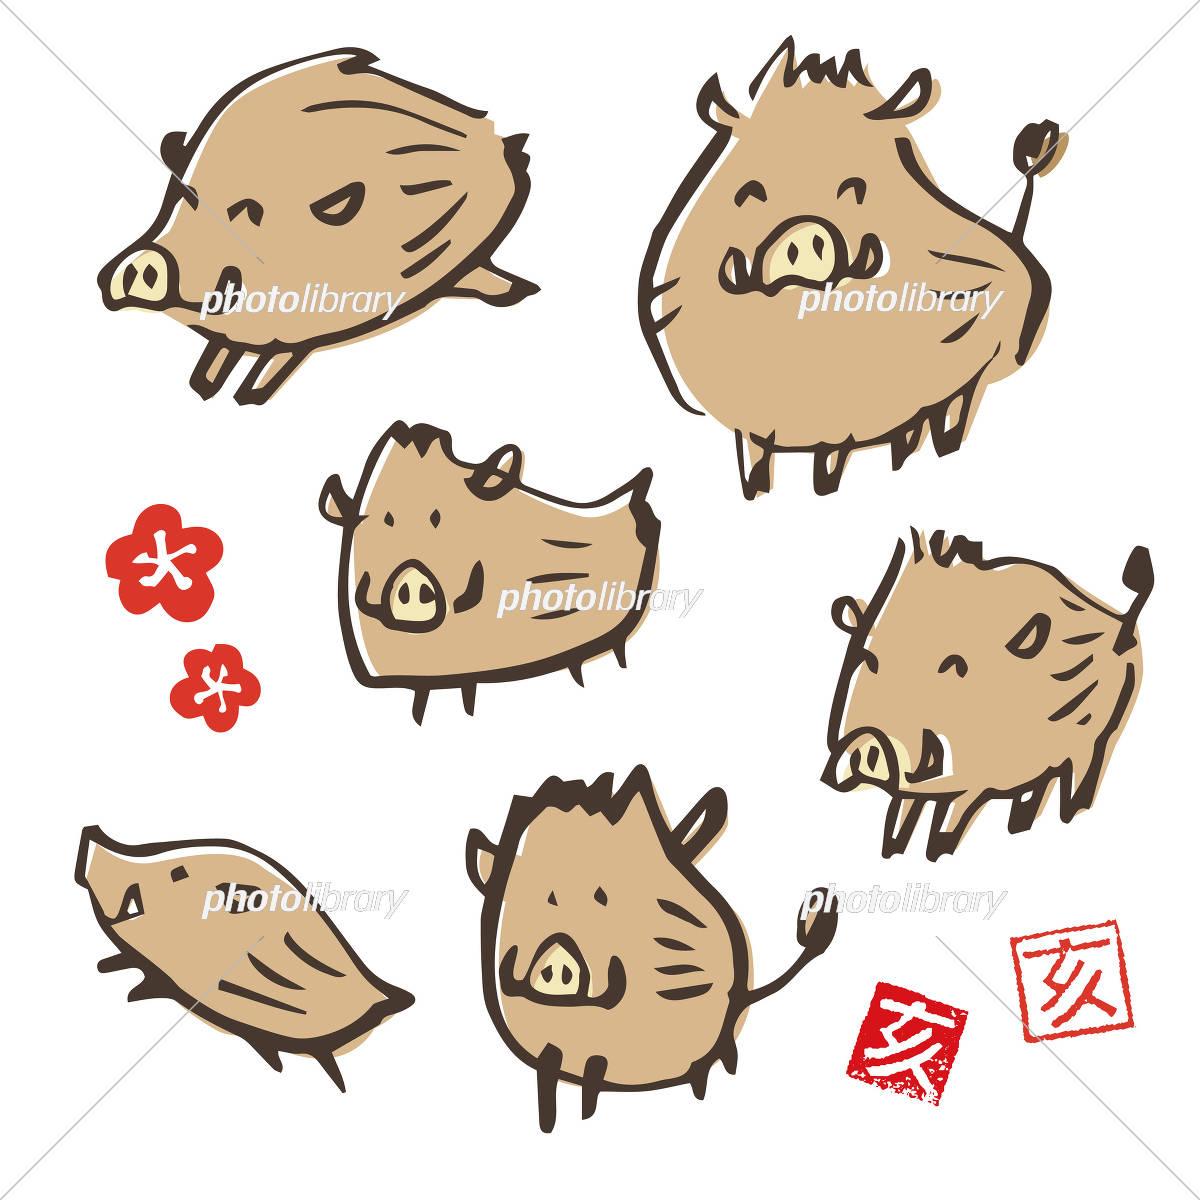 手書き 猪のイラスト 年賀状素材 干支動物 イラスト素材 [ 5483397